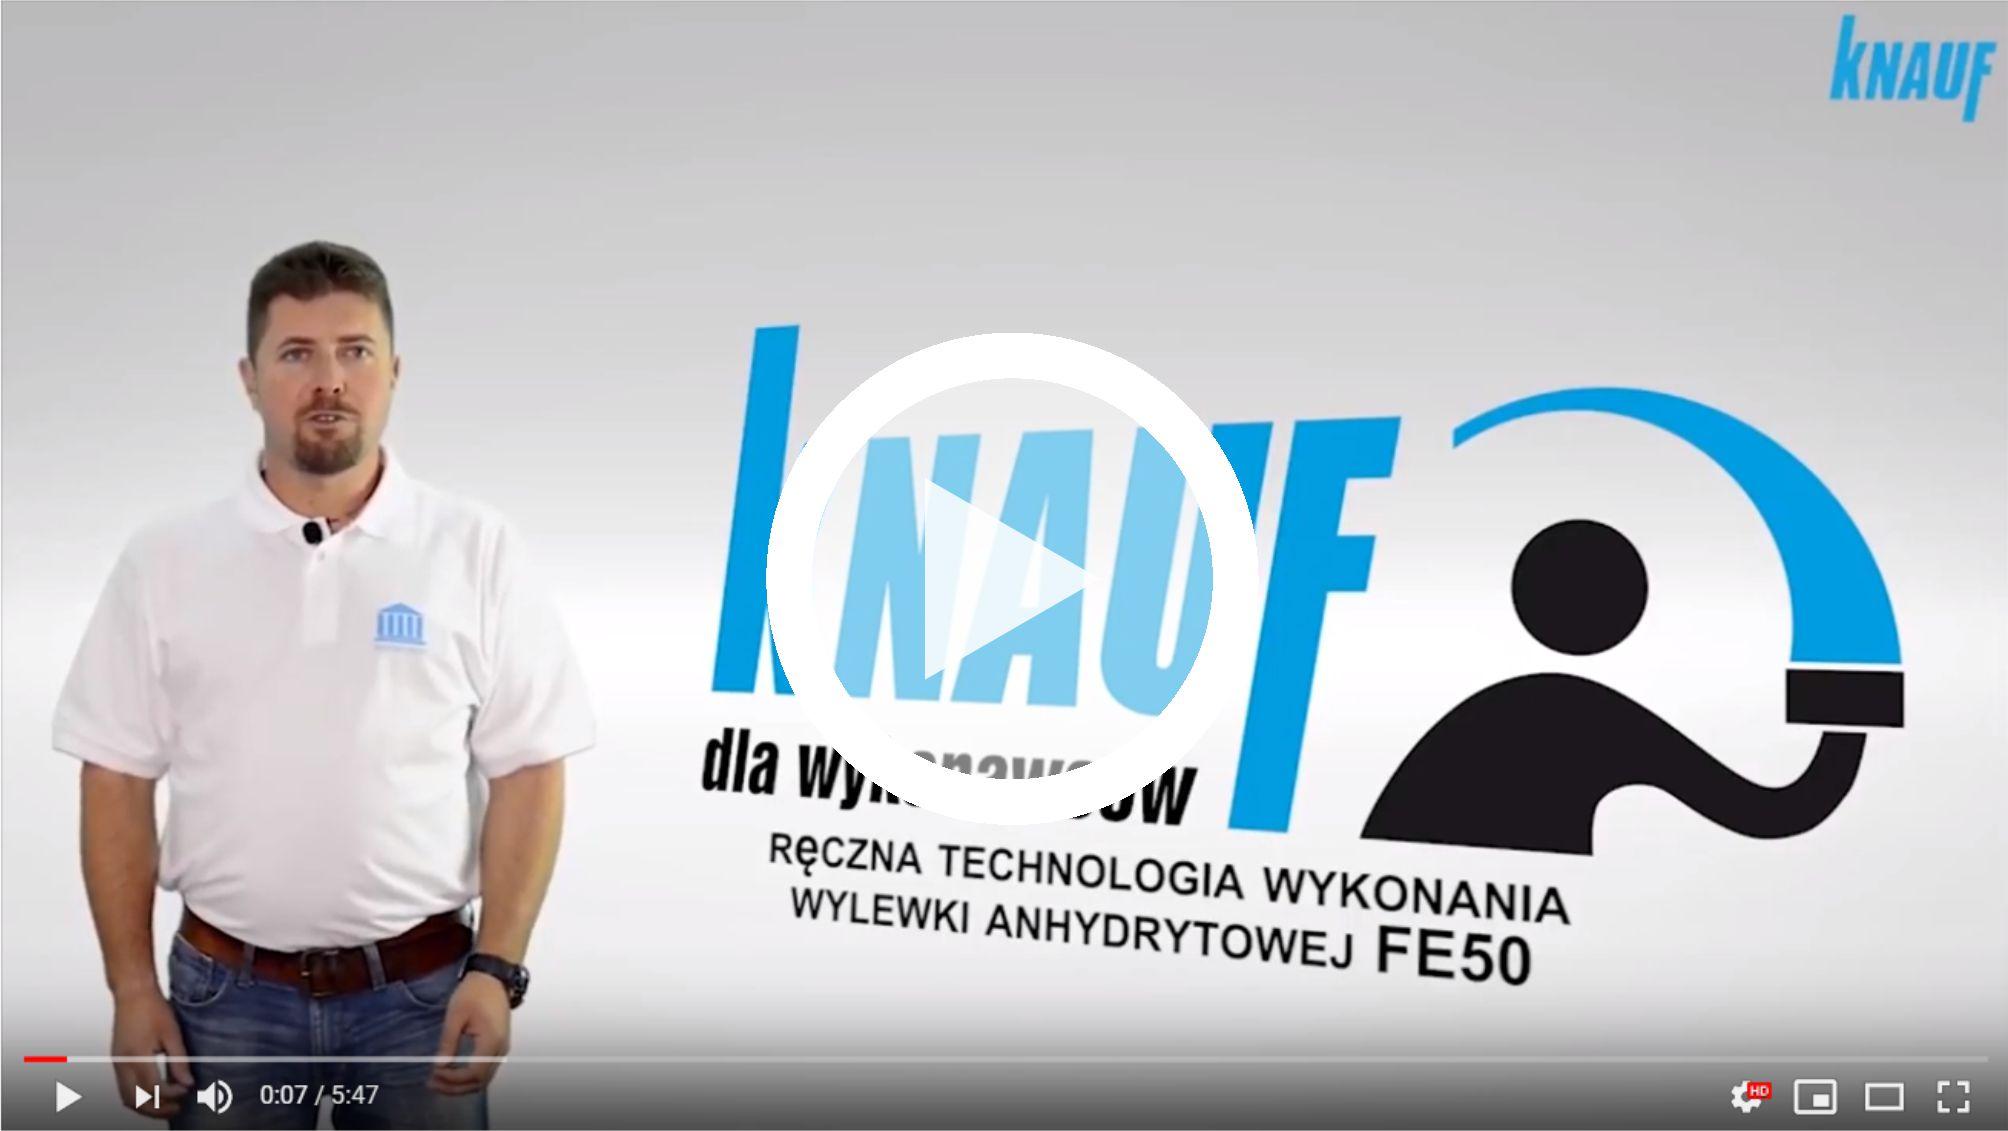 knauf-dla-wykonawcow-reczna-technologia-wykonania-wylewki-anhydrytowej-fe50